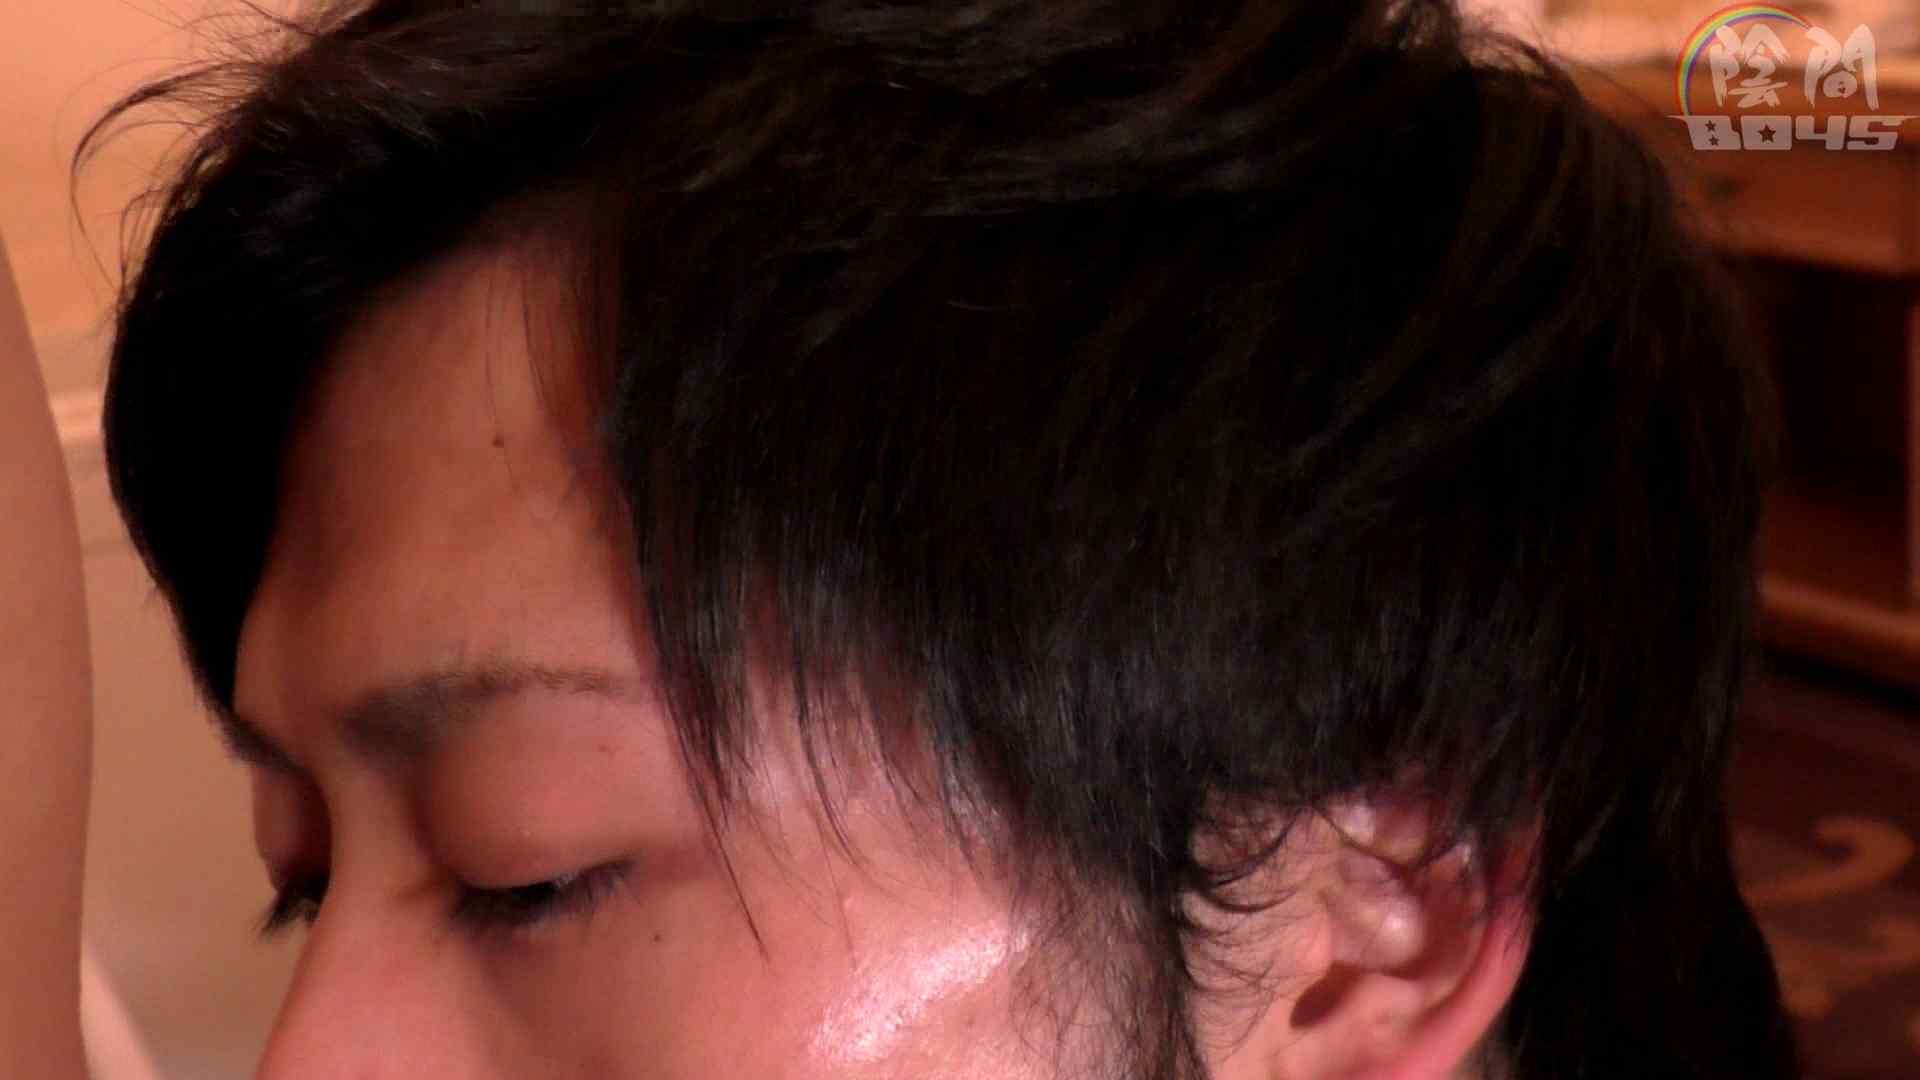 陰間BOYS~AV男優面接2、俺のアナルが…~04 面接 ゲイえろ動画紹介 55枚 43